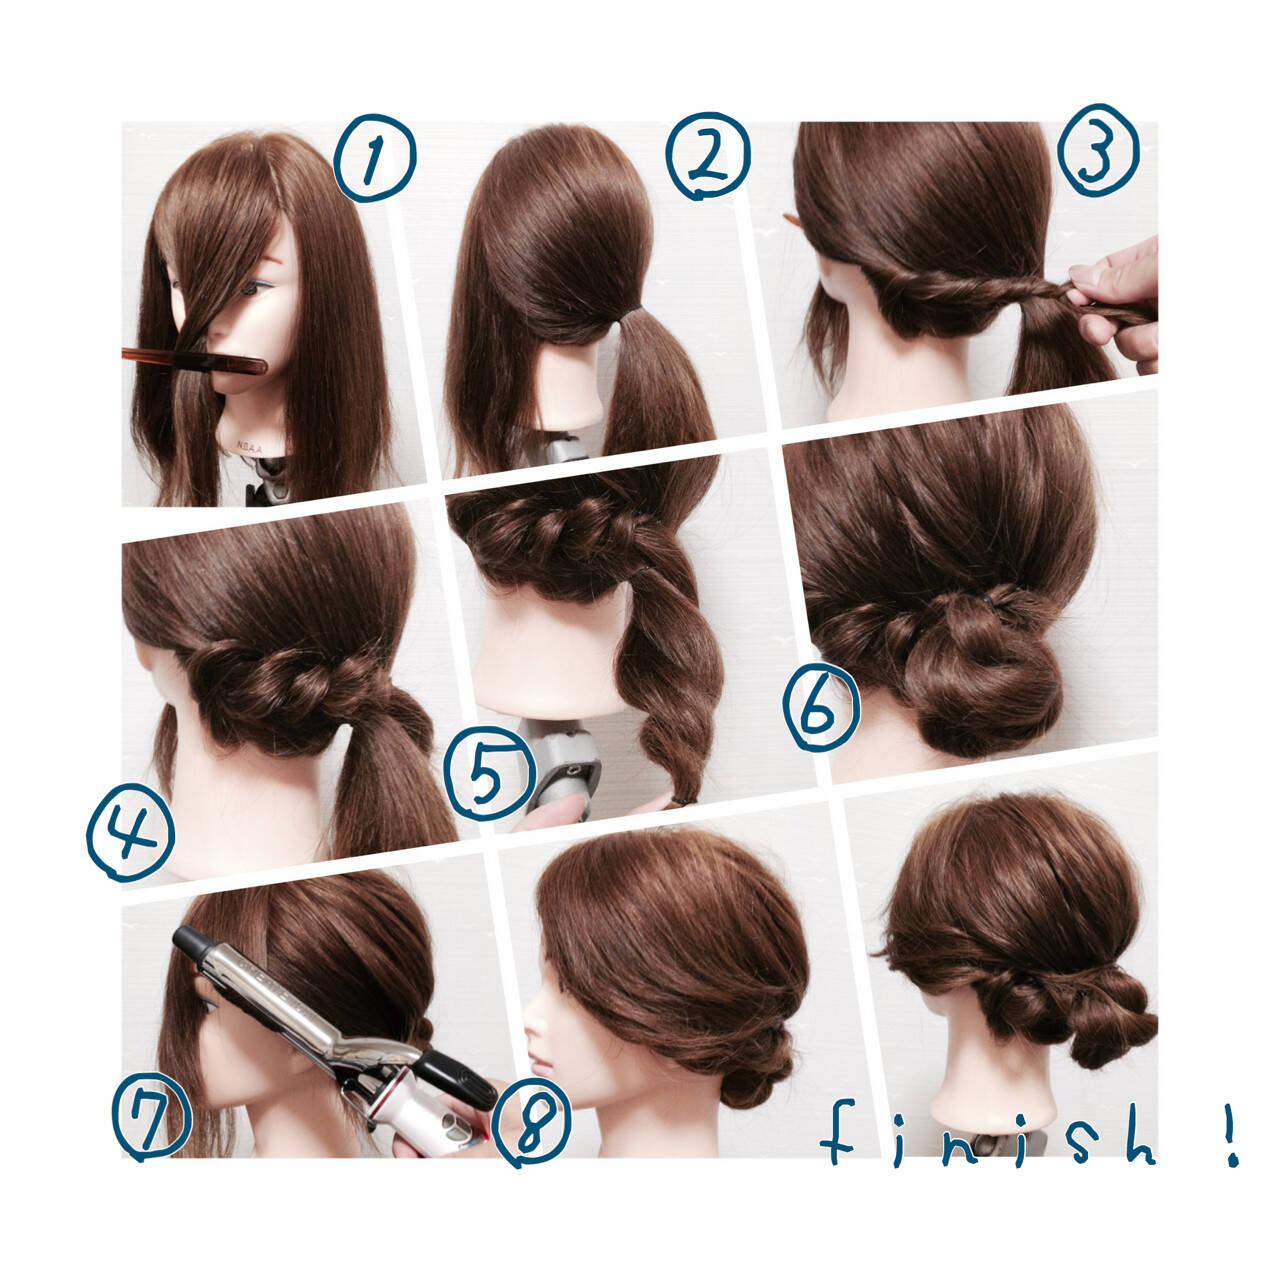 ギブソンタック ロープ編み ヘアアレンジ 簡単ヘアアレンジヘアスタイルや髪型の写真・画像